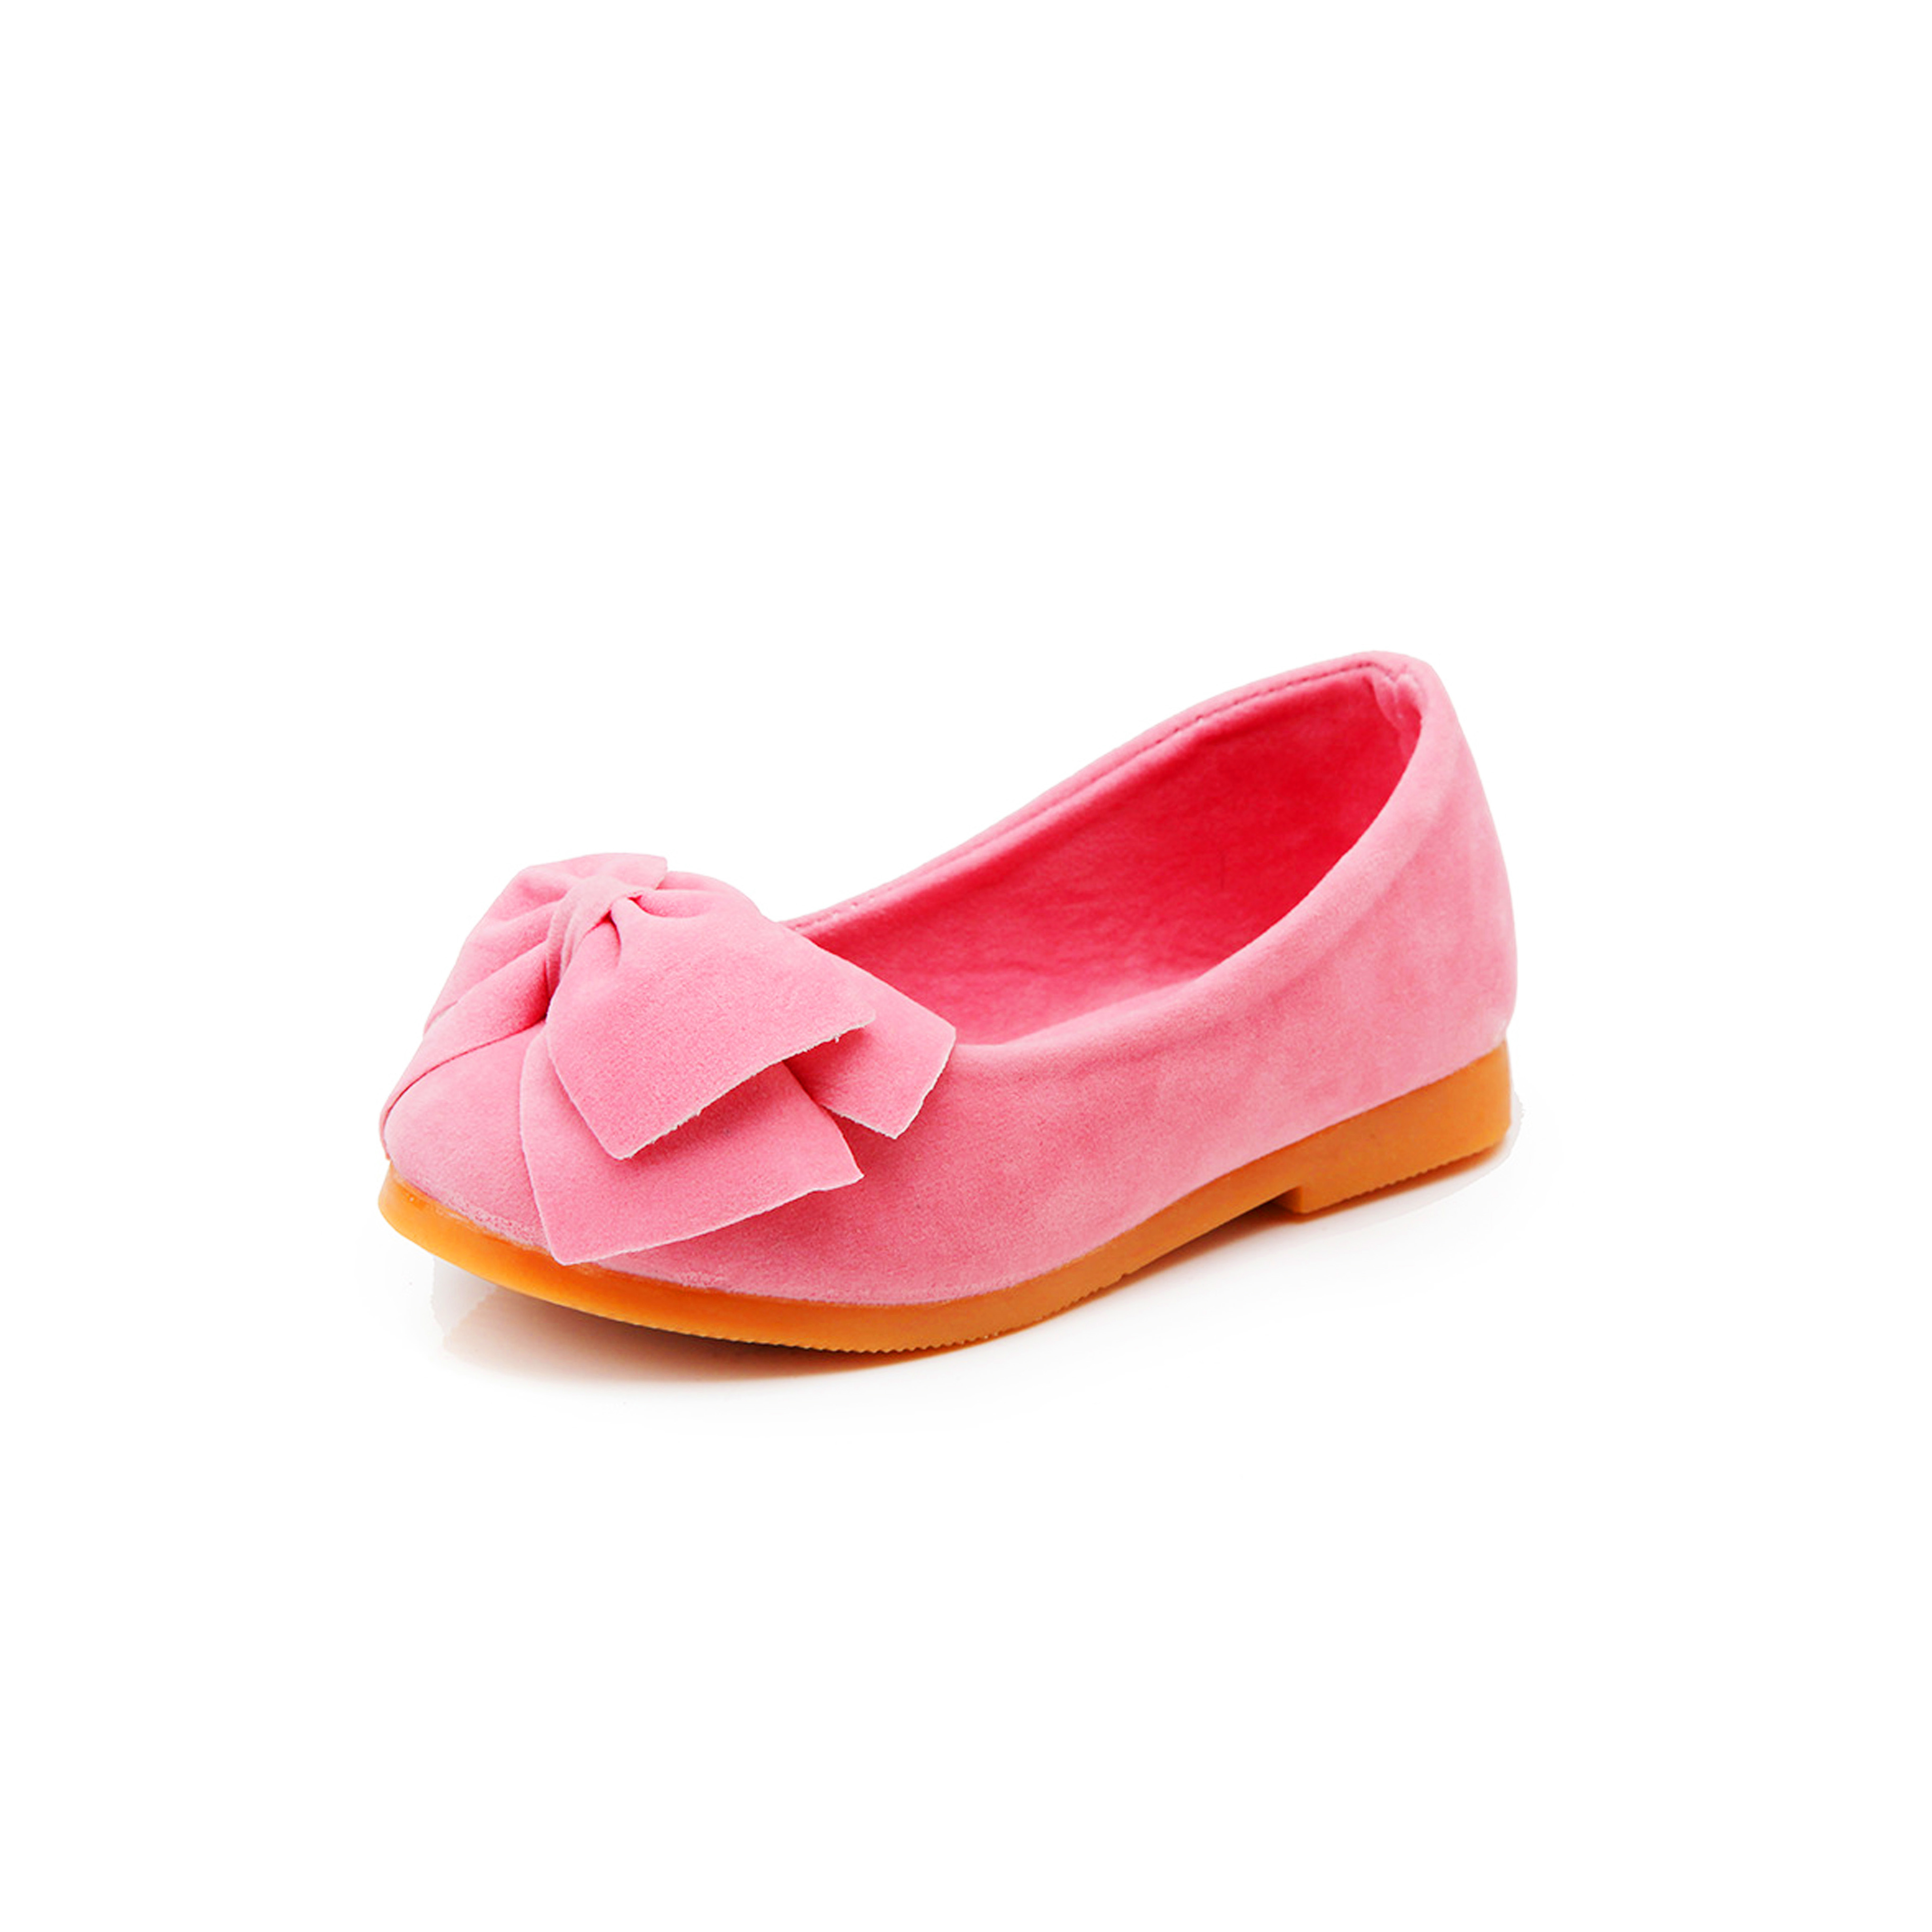 Giày búp bê cho bé 3 – 5 tuổi cá tính xinh xắn - G12   BBShine - Thời Trang  & Phụ Kiện Trẻ Em